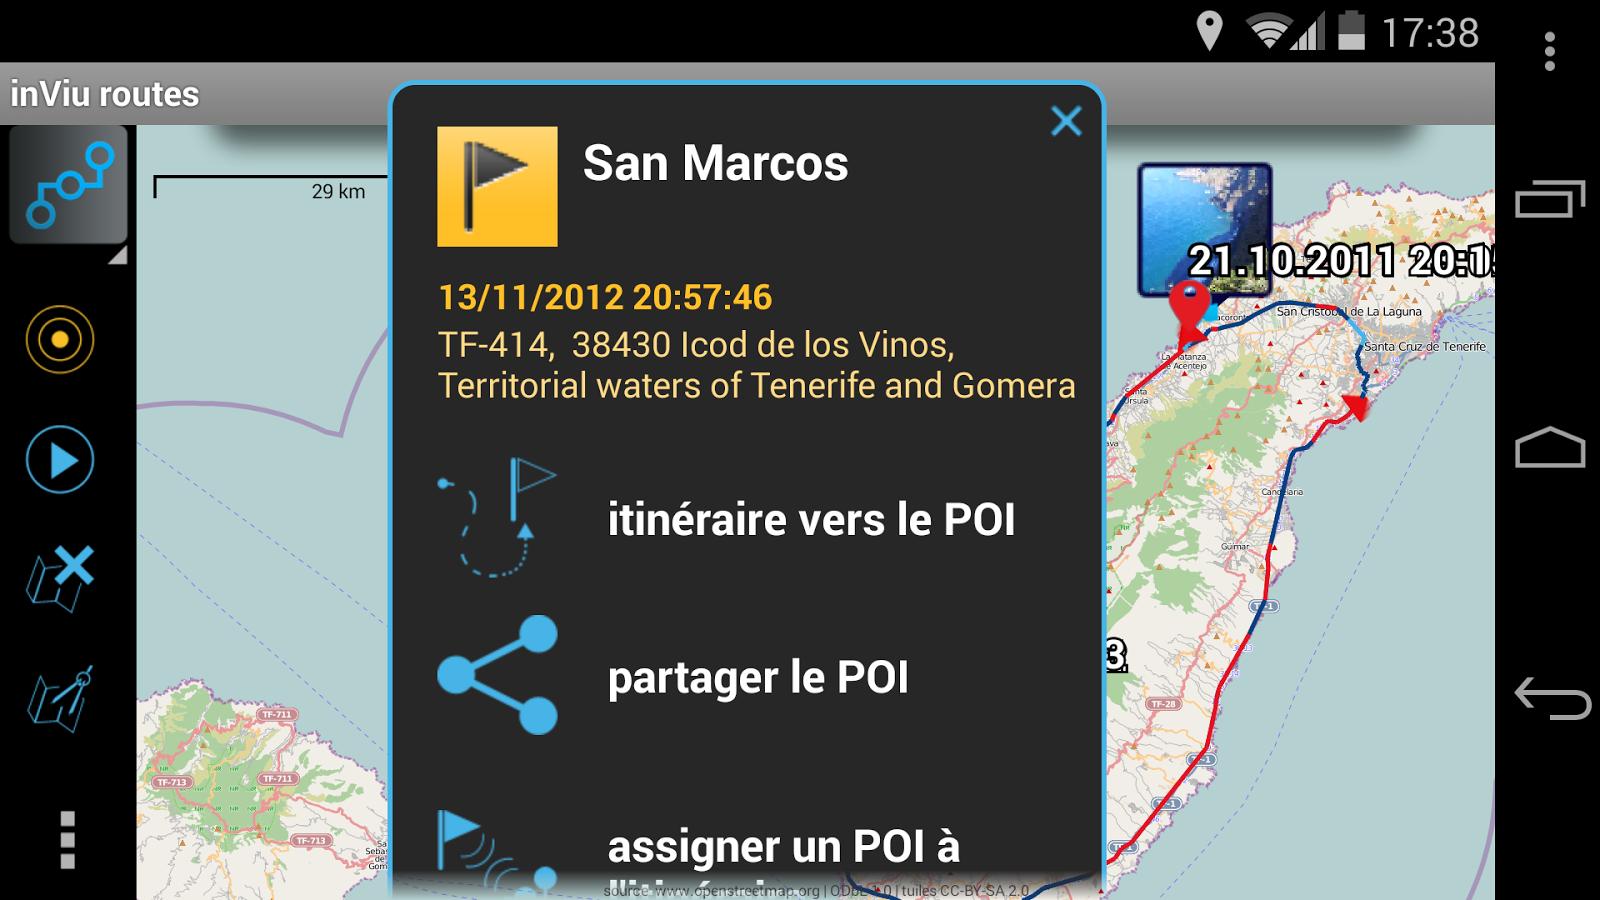 [ANDROID - SOFT : INVIU ROUTES] application de geolocalisation et suivi GPS [gratuite][08/02/2015] MetkSEVmU2neIz3H4OhRdYTmiDKz6BC55EDIMplpE1Eac3HL08qiOXtO3IeY3OKMAOw=h900